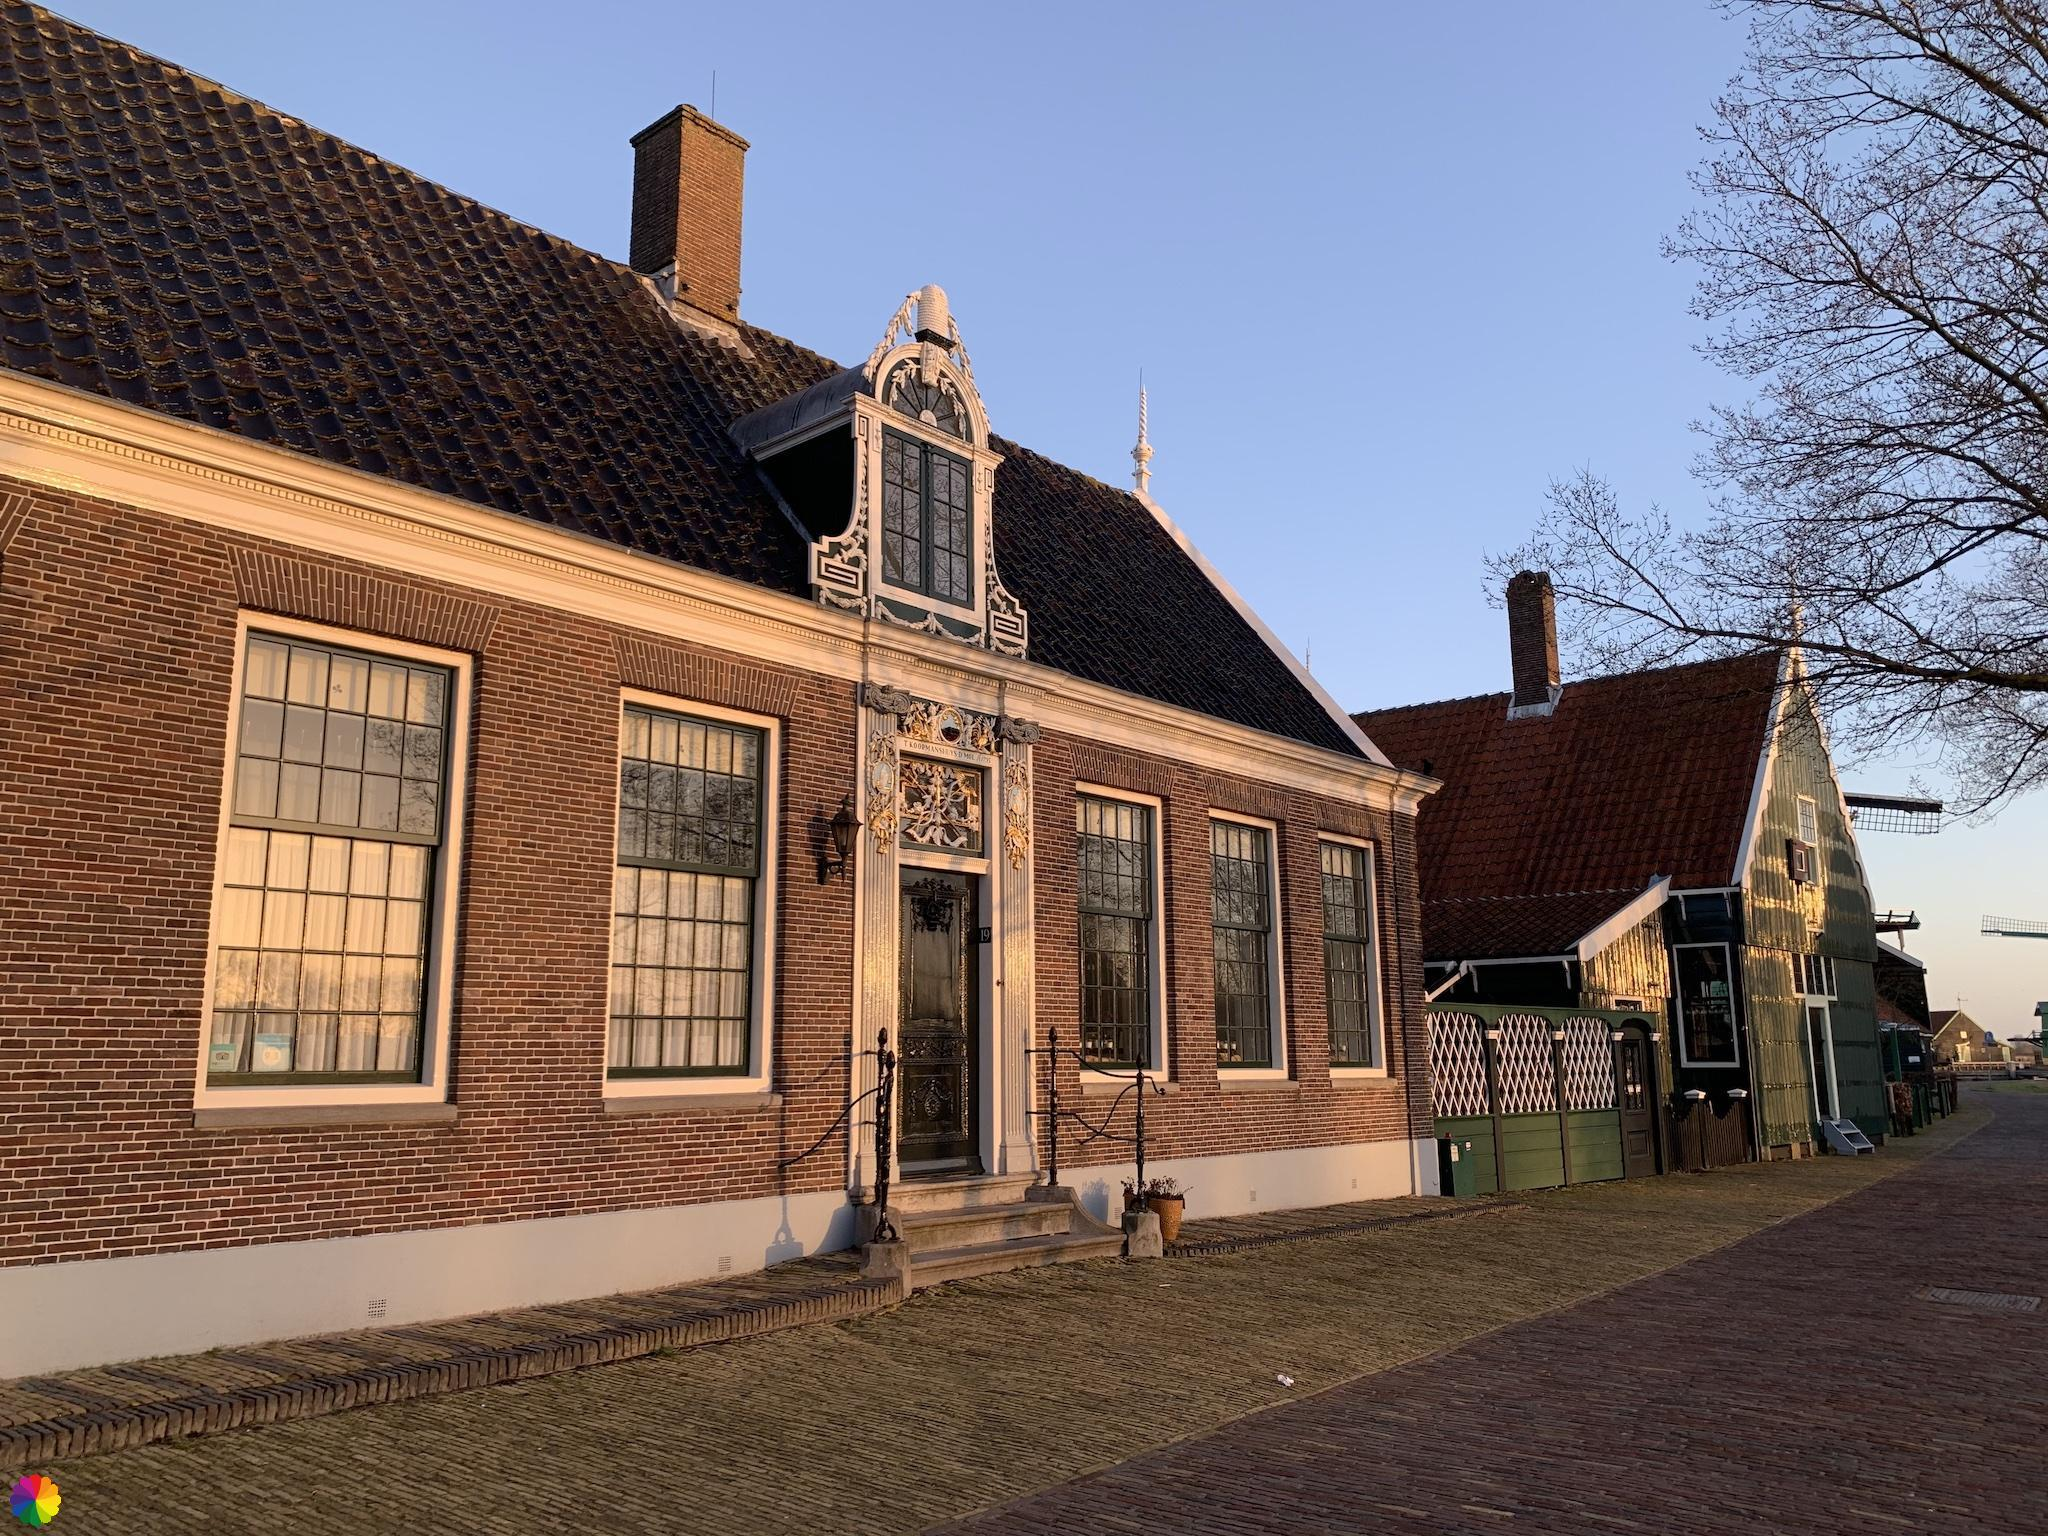 Prachtig huis in Zaanse Schans